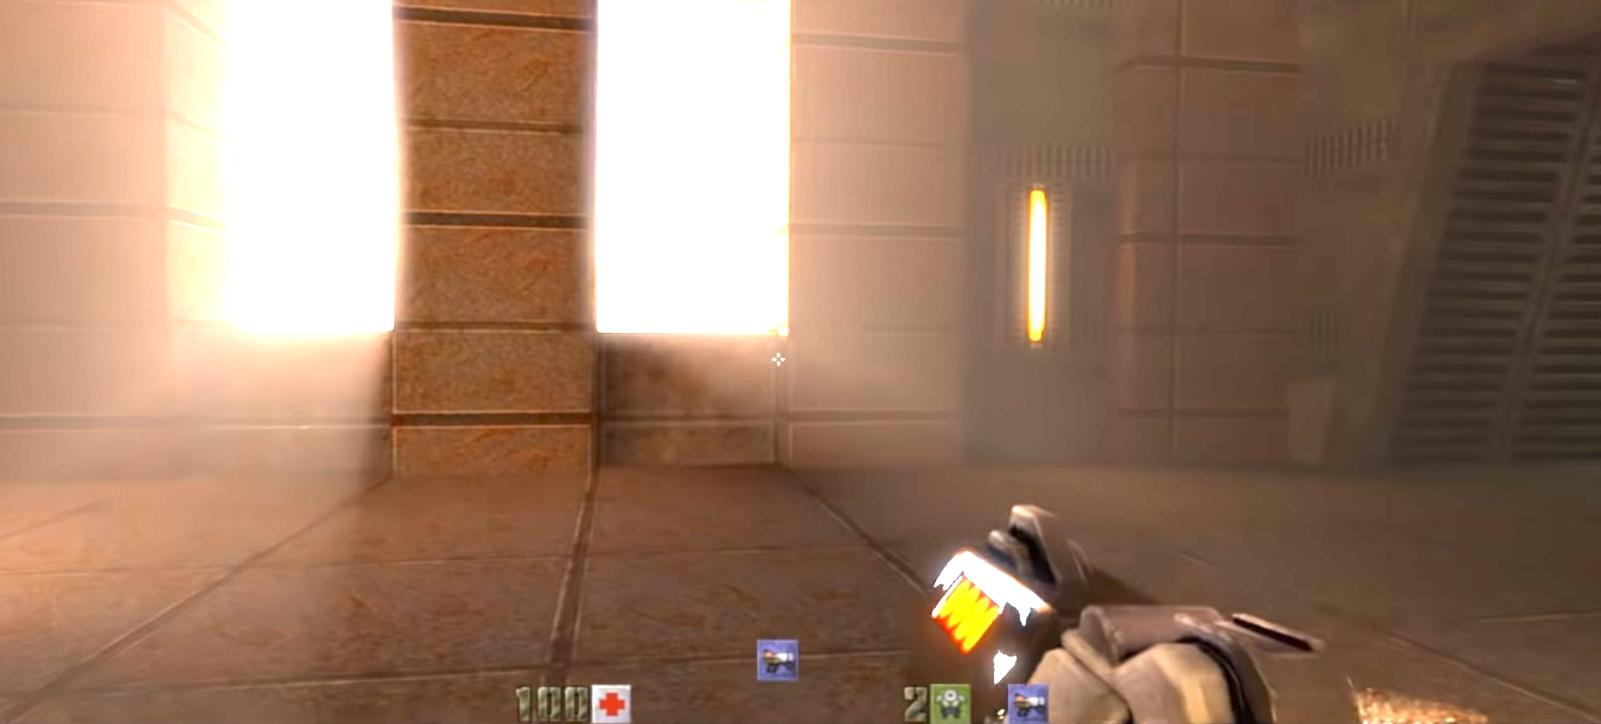 VIDEO: Slik har de total-forandret Quake II med ray tracing